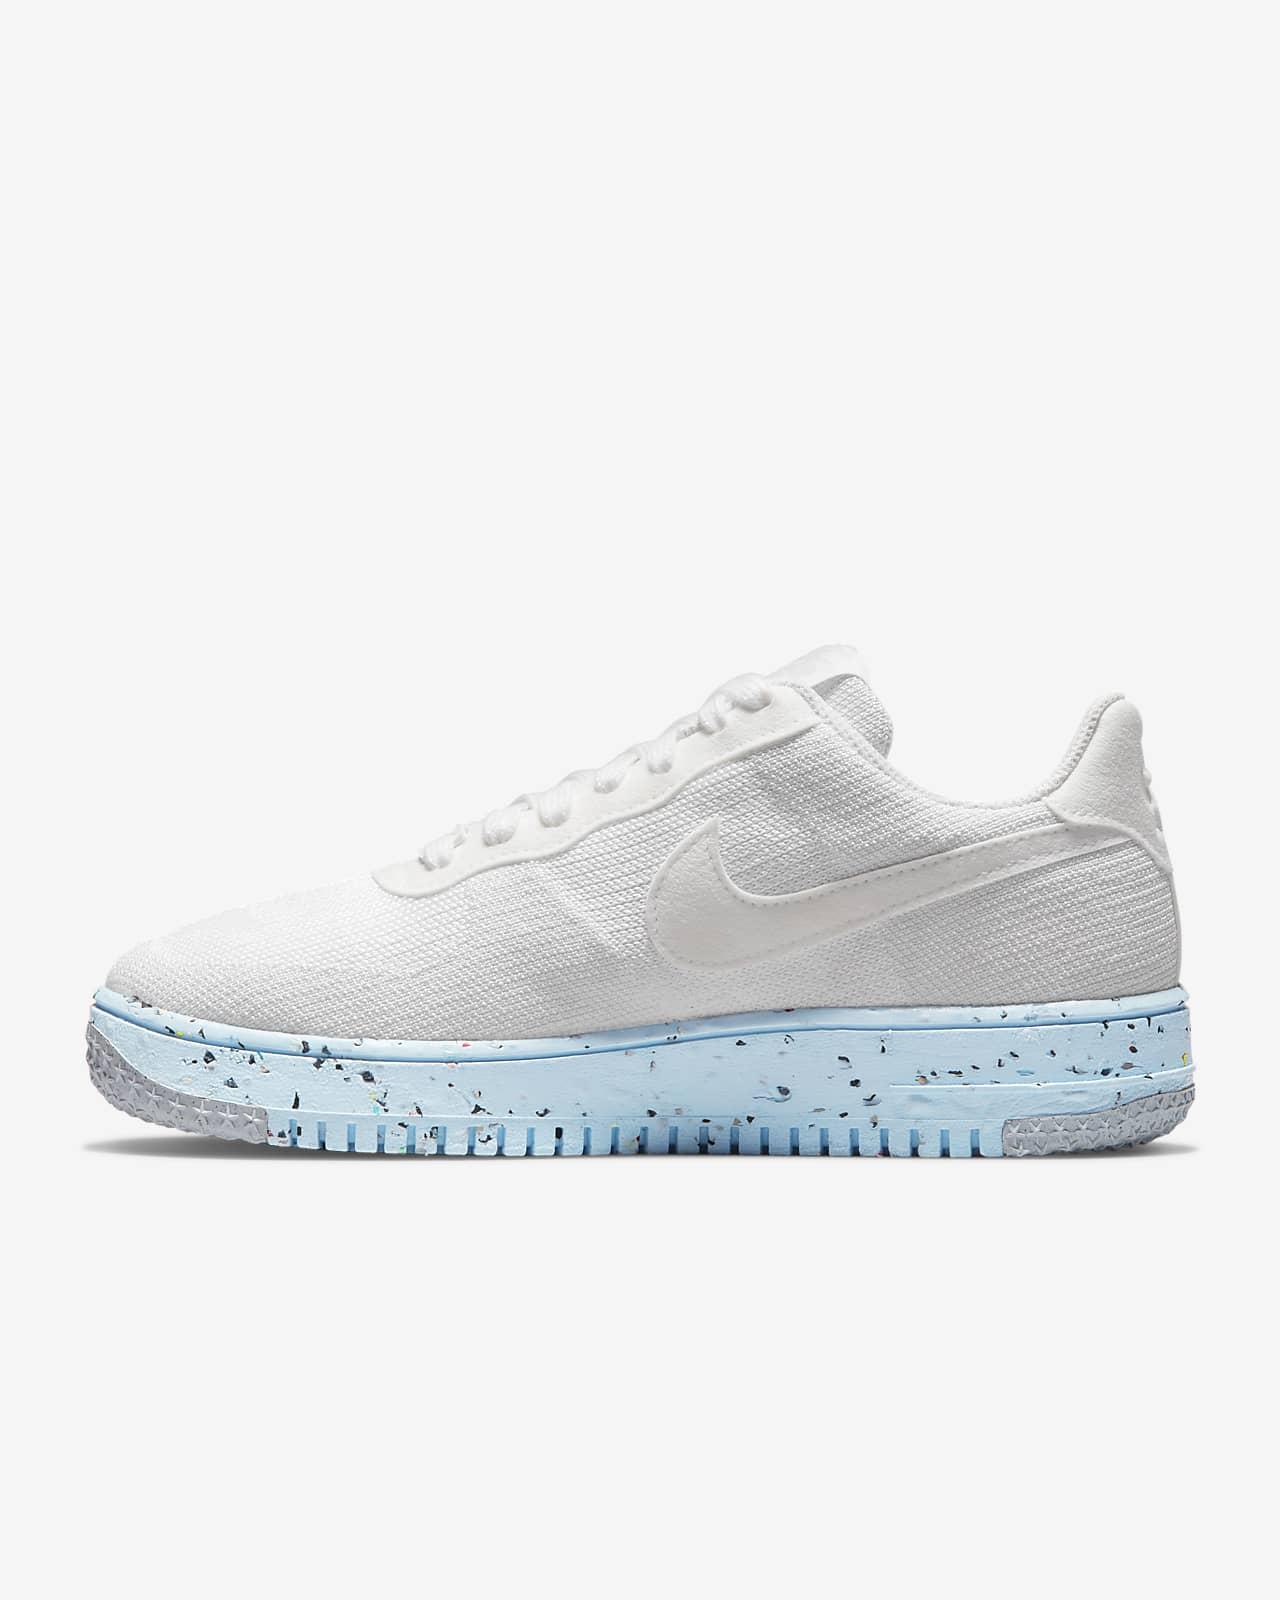 รองเท้าผู้หญิง Nike Air Force 1 Crater FlyKnit